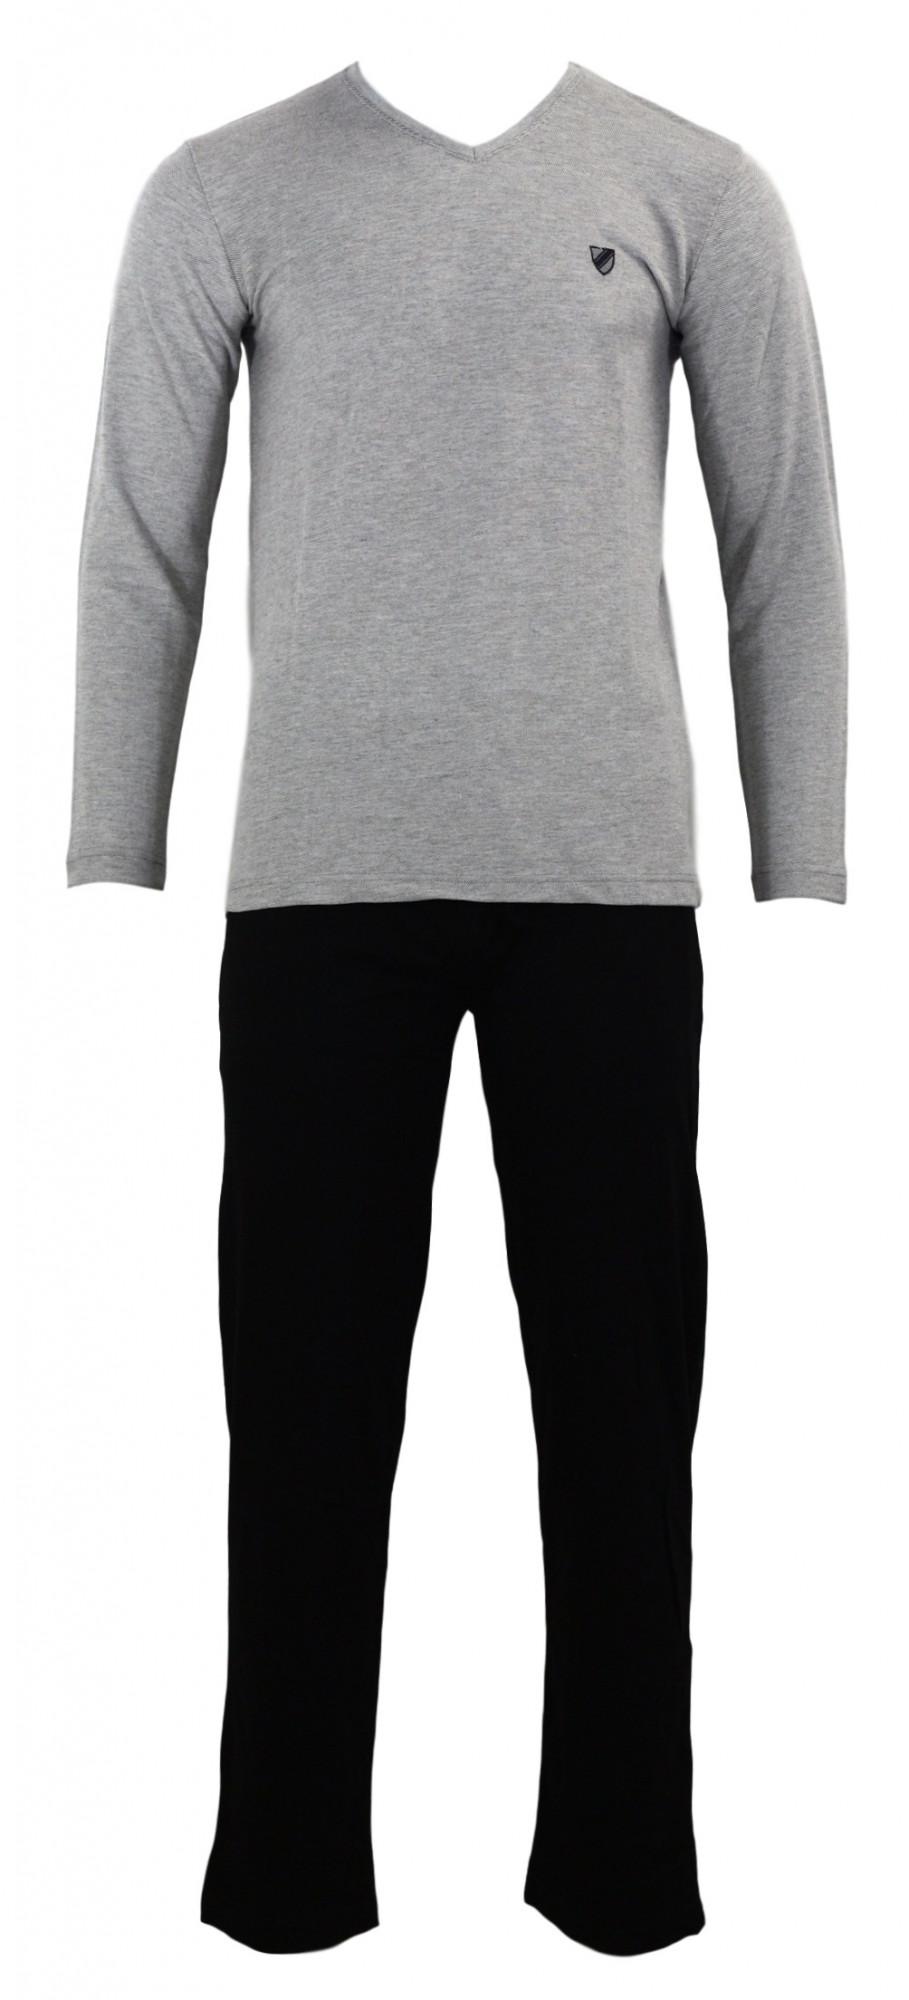 Pánské pyžamo 4516 - Gazzaz Barva: šedá, Velikost: M